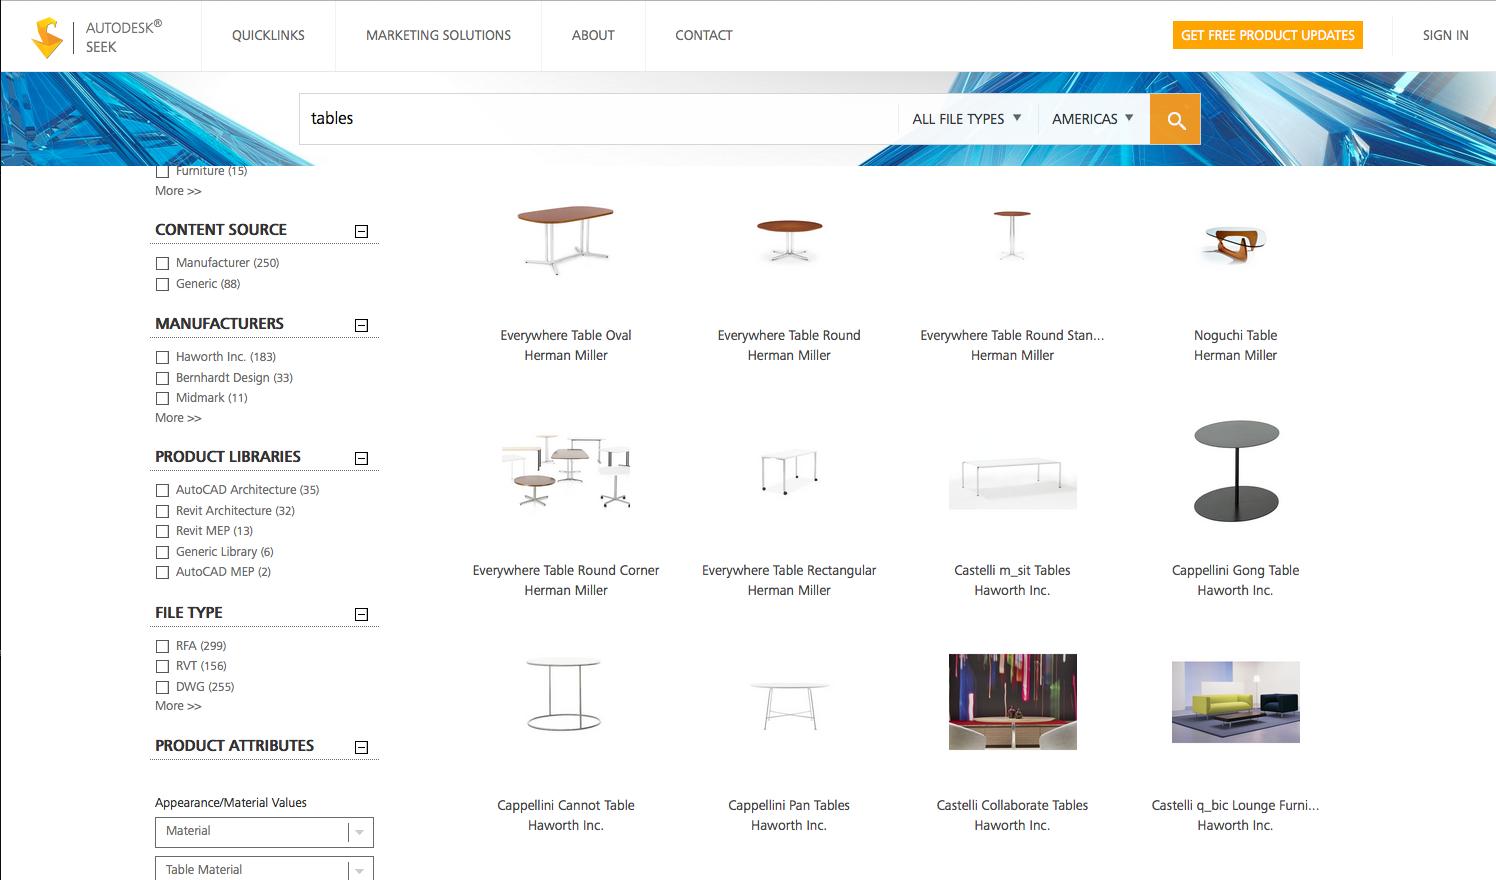 designstrategies rh designstrategies org autodesk seek bim autodesk seek 2016